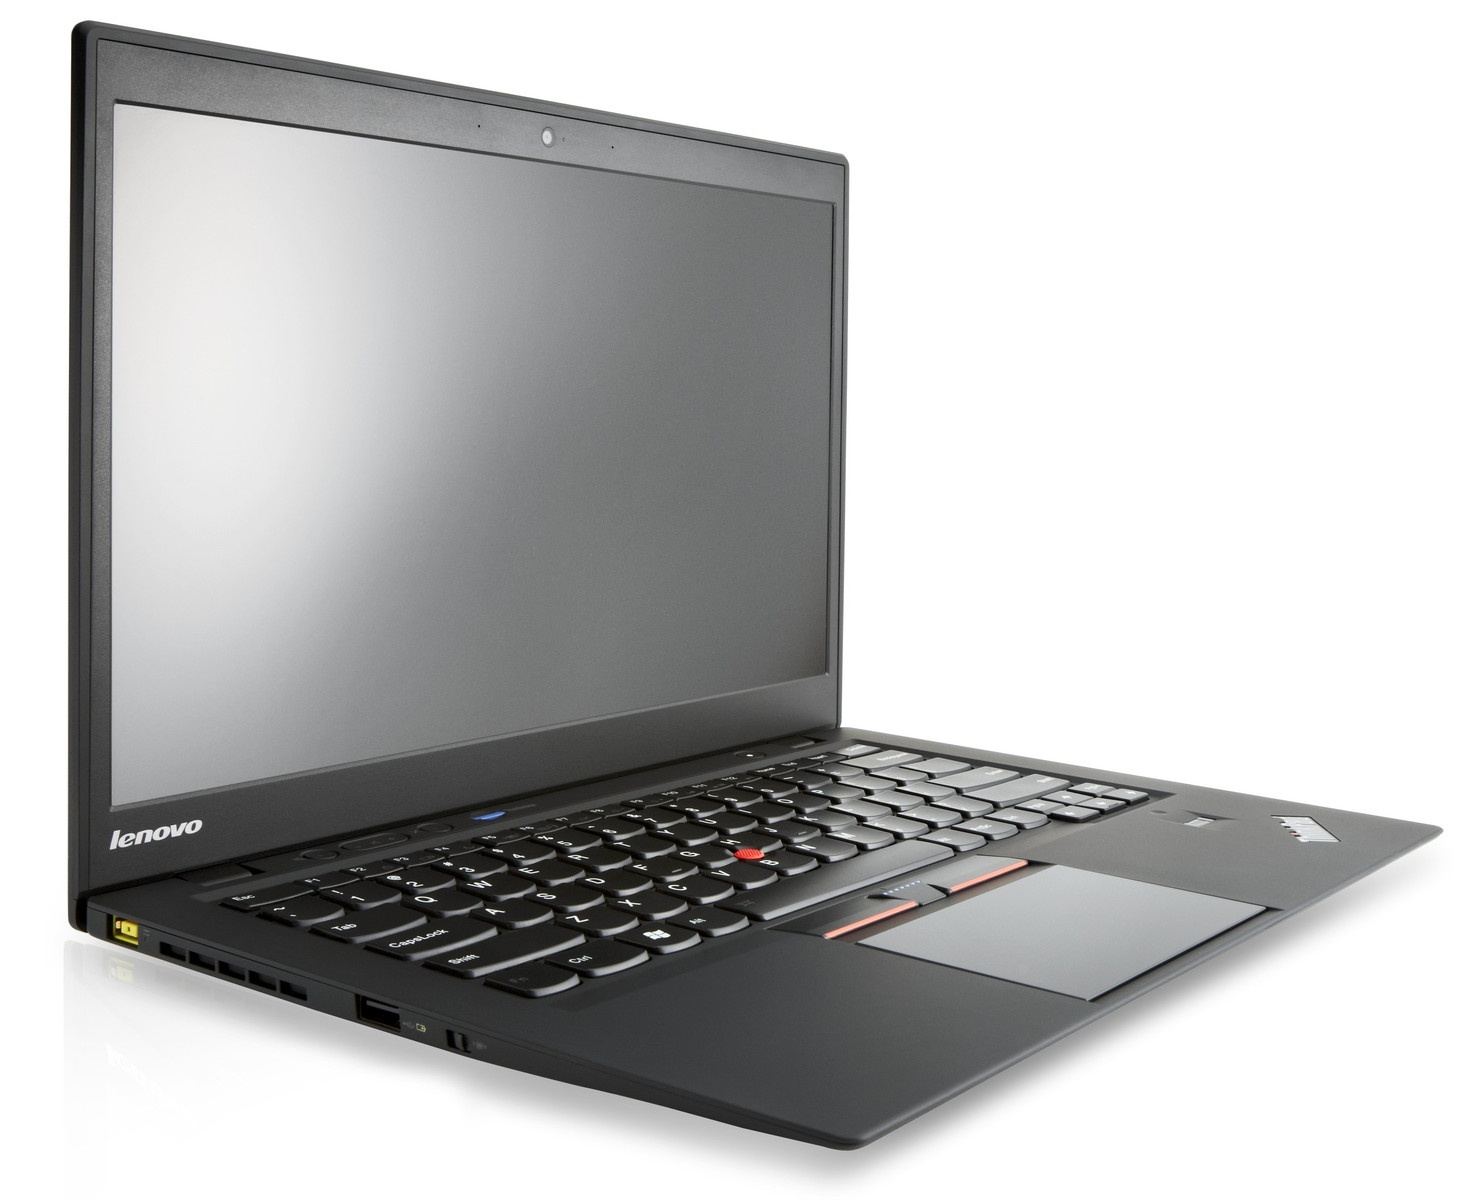 Lenovo Thinkpad X1 Carbon SSD